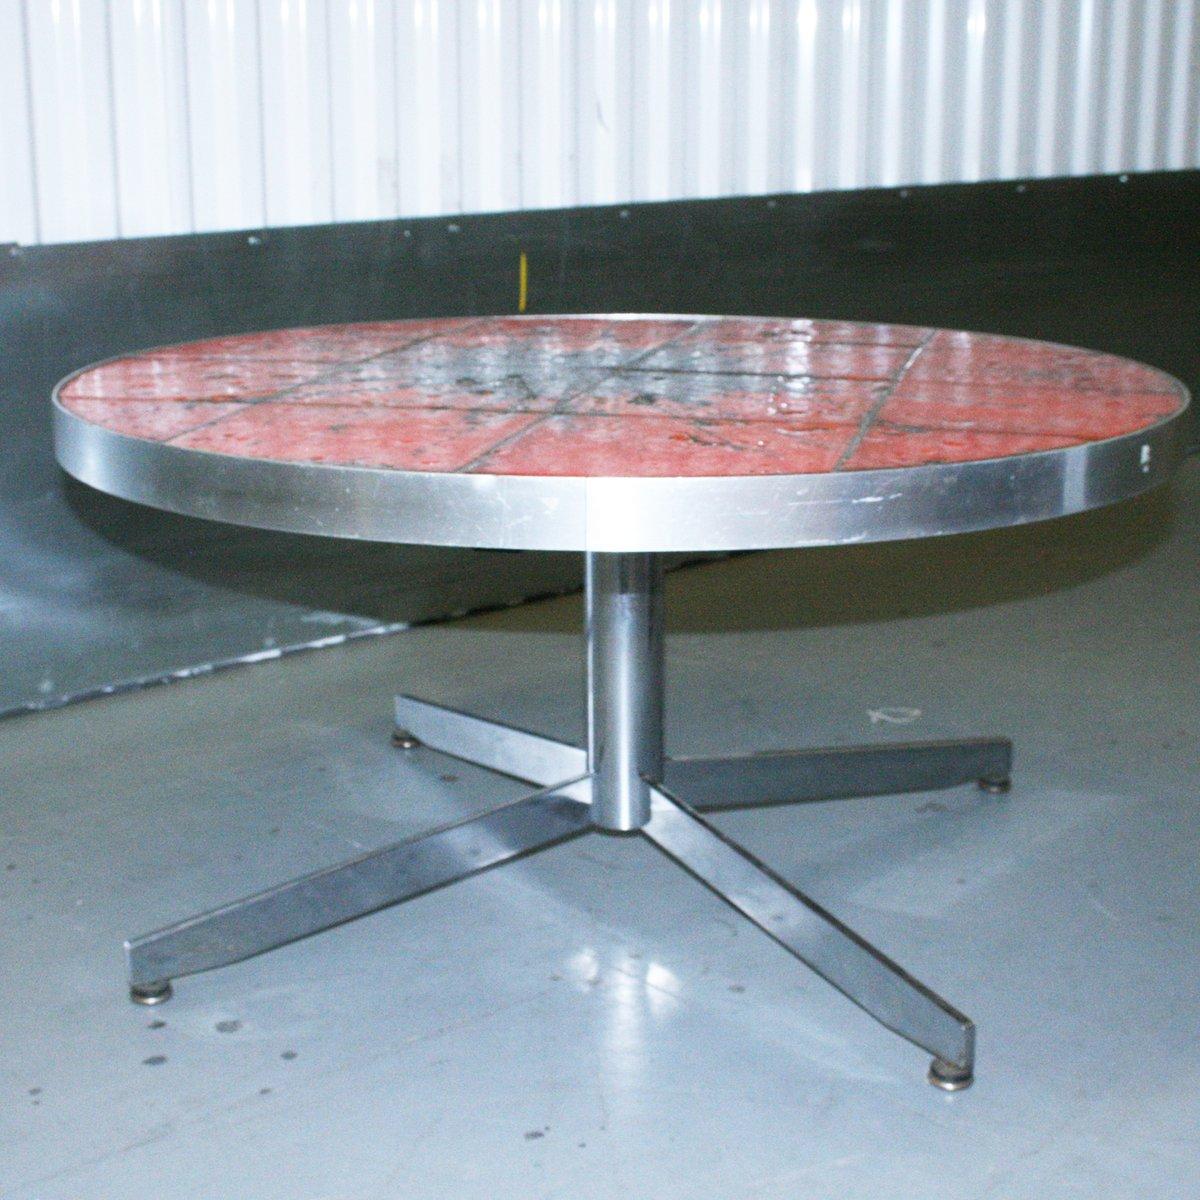 table basse avec plateau en c ramique danemark 1960s en vente sur pamono. Black Bedroom Furniture Sets. Home Design Ideas